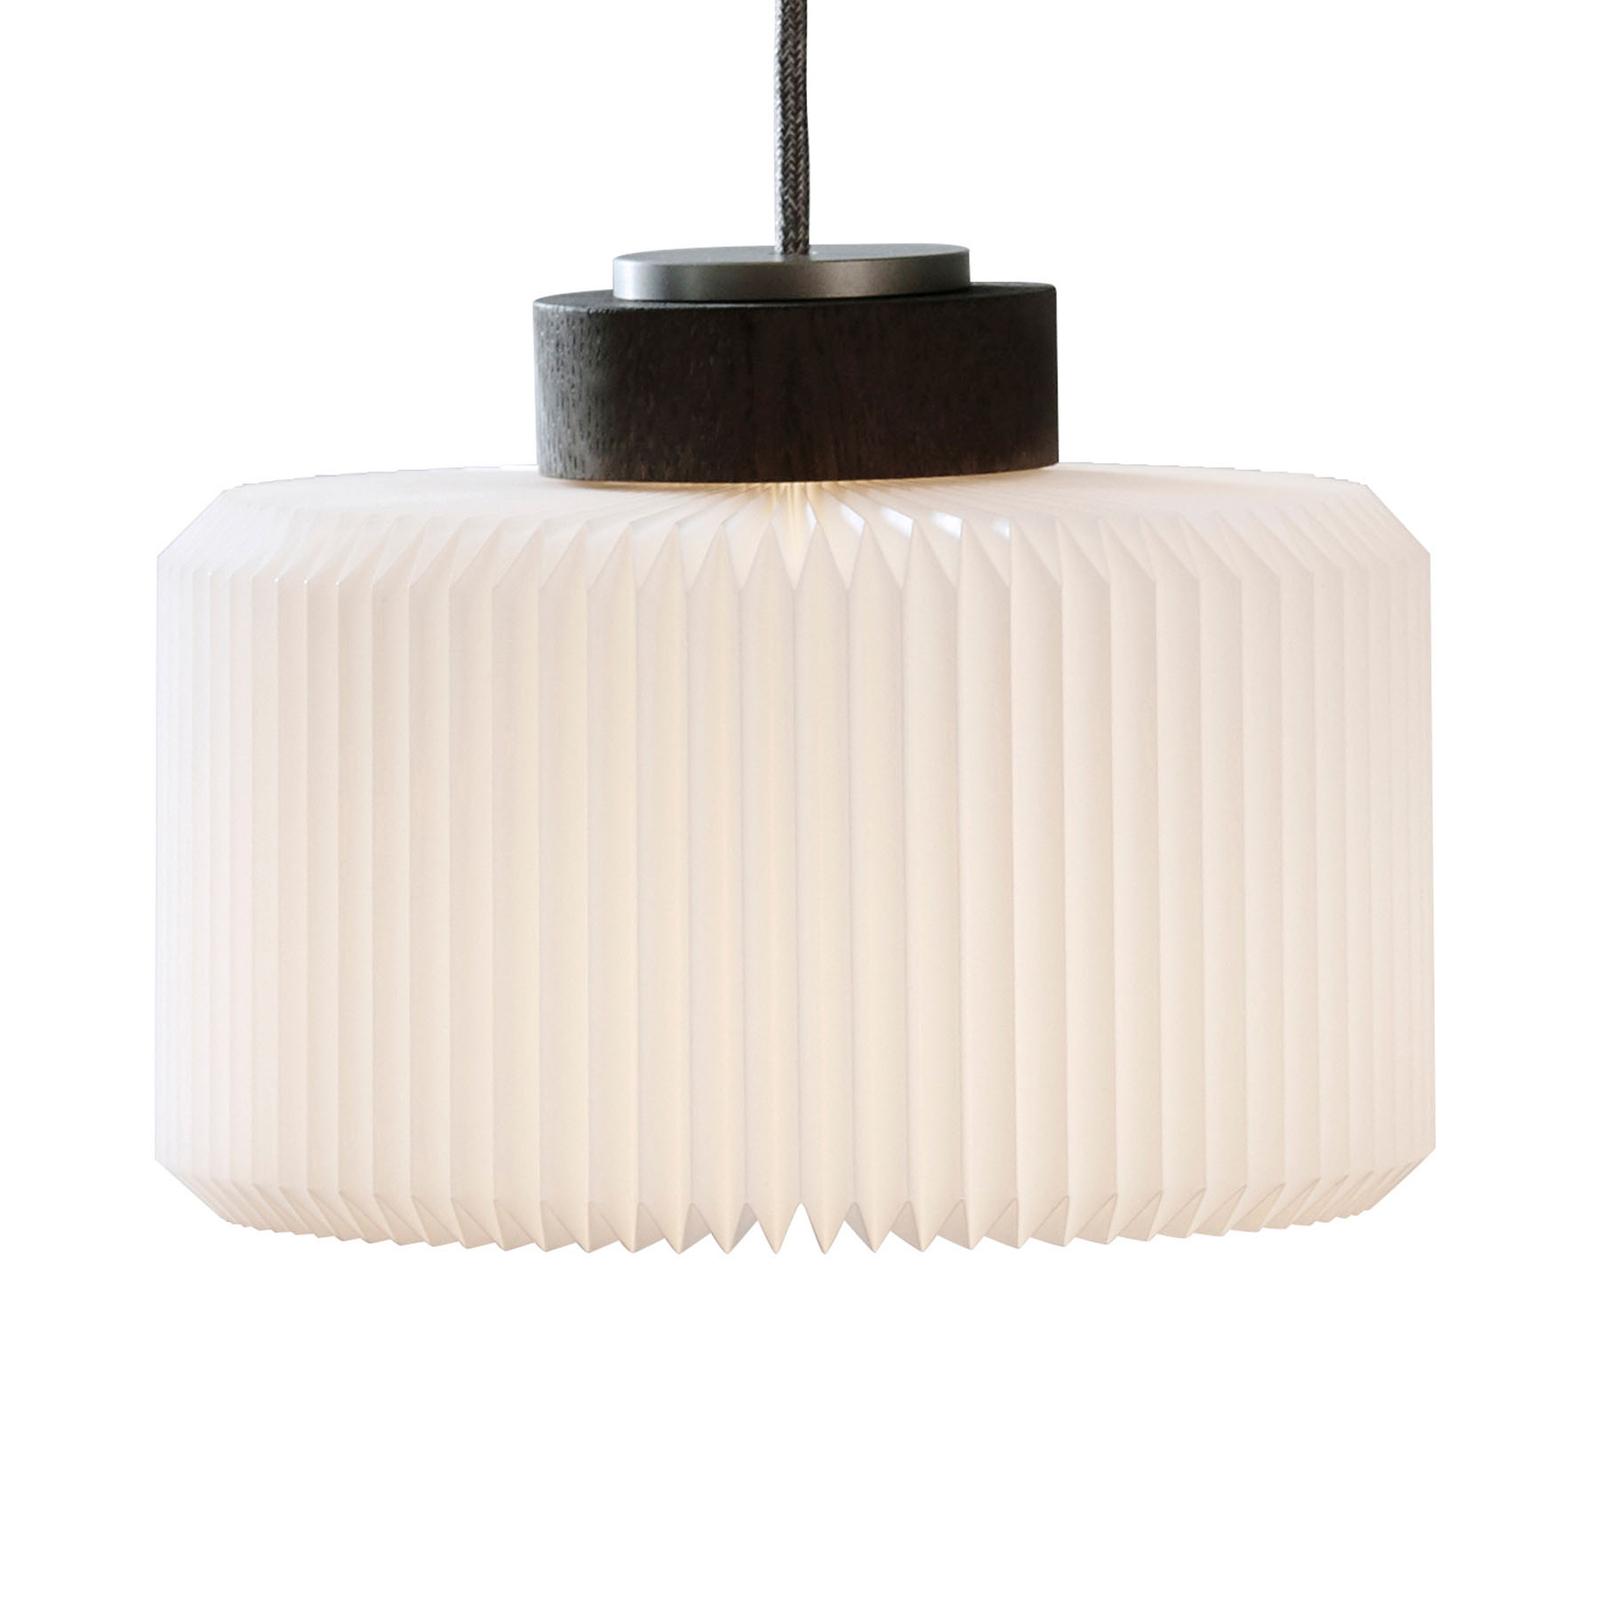 LE KLINT Cylinder závěsné světlo, Ø 29 cm